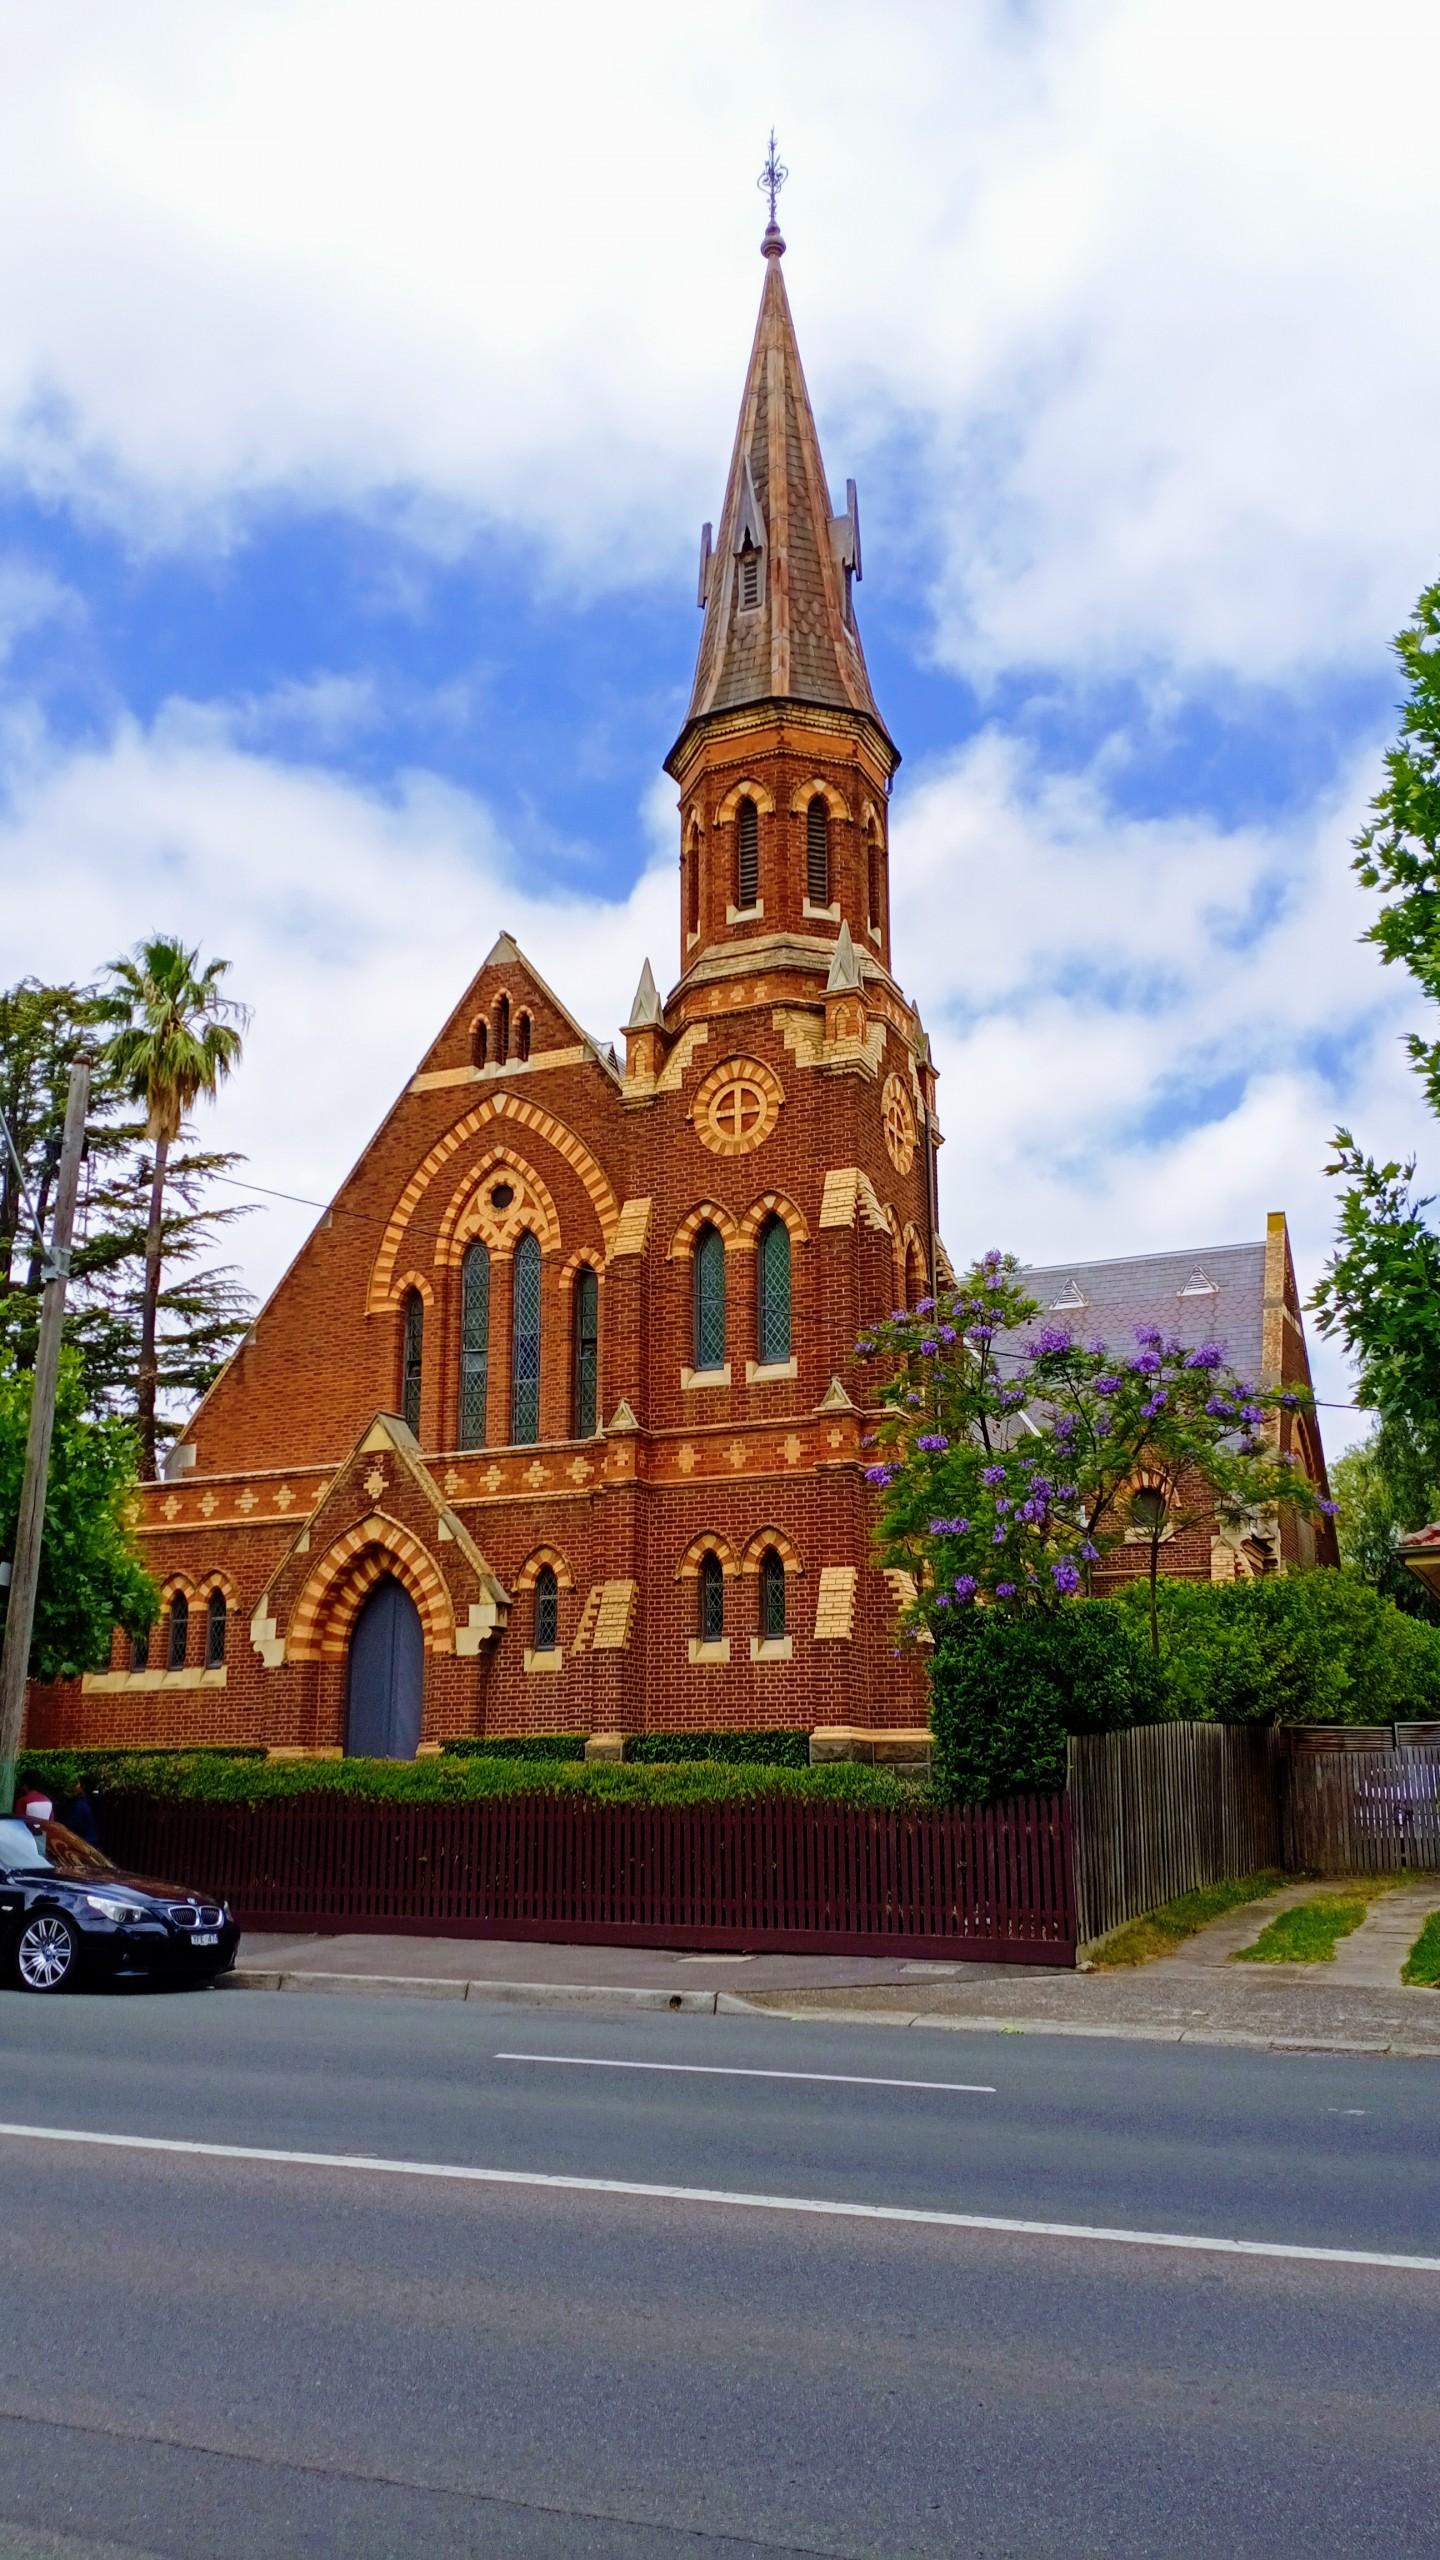 Artistic Church Architecture